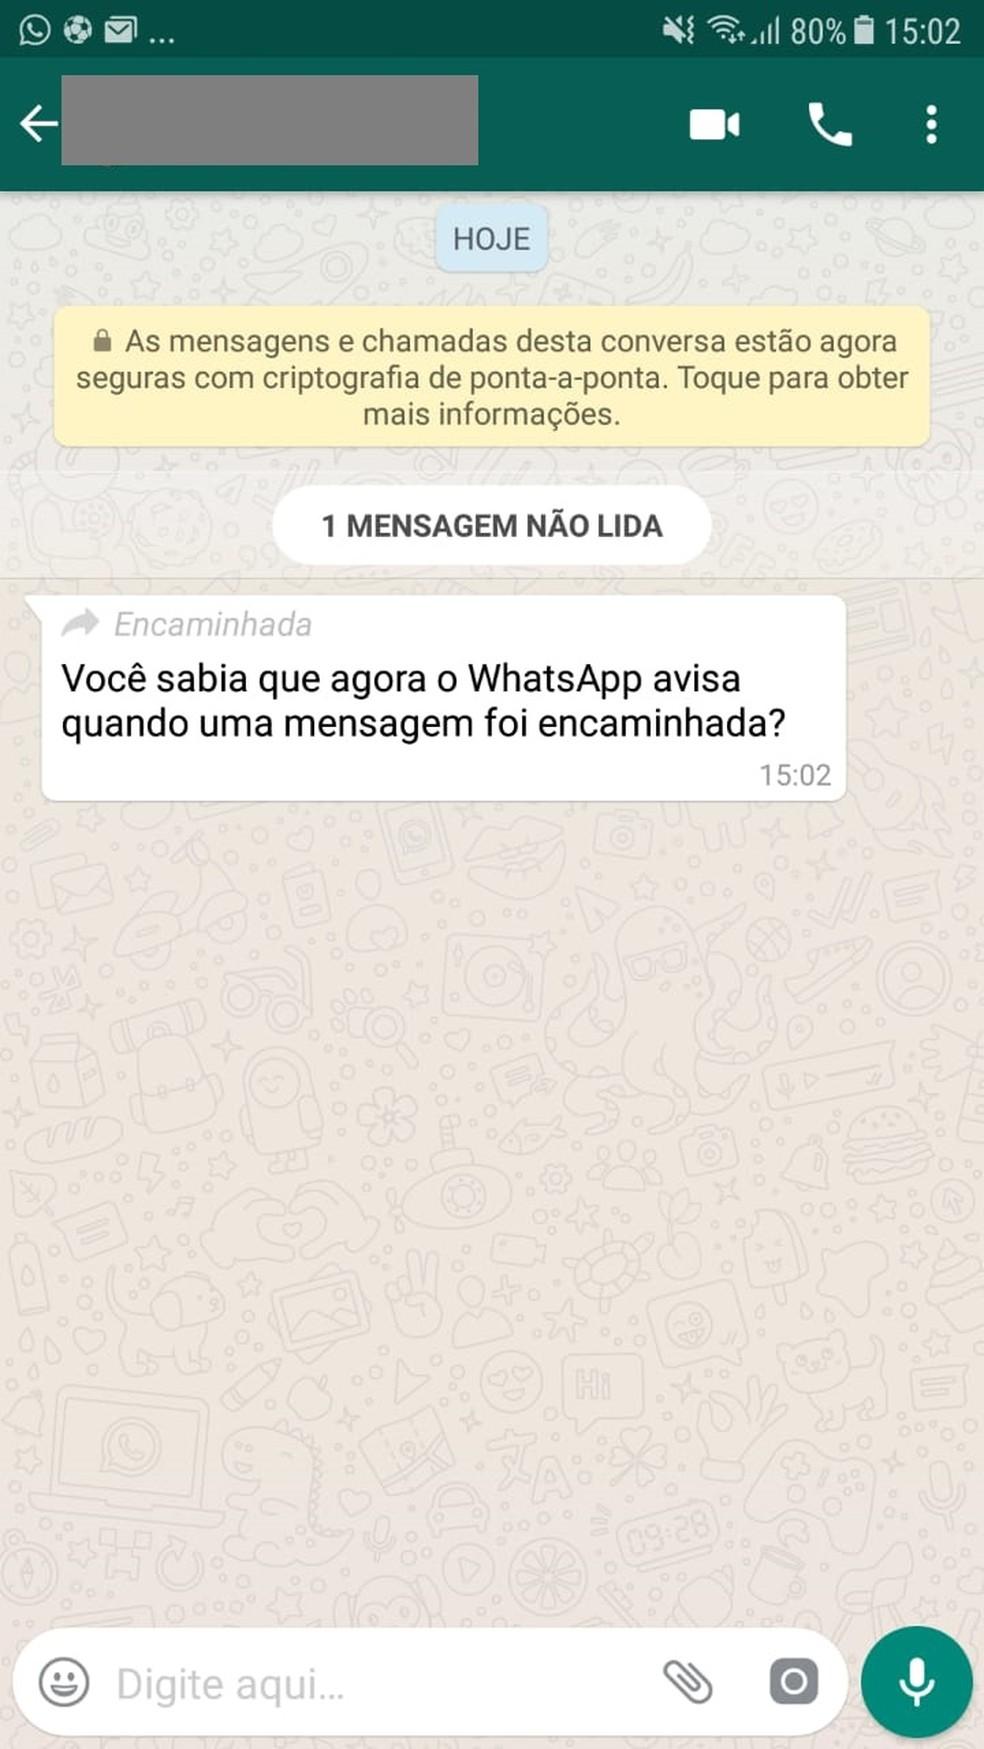 Whatsapp passa a avisar o usuário se a mensagem recebida foi encaminhada de outra conversa (Foto: Reprodução)